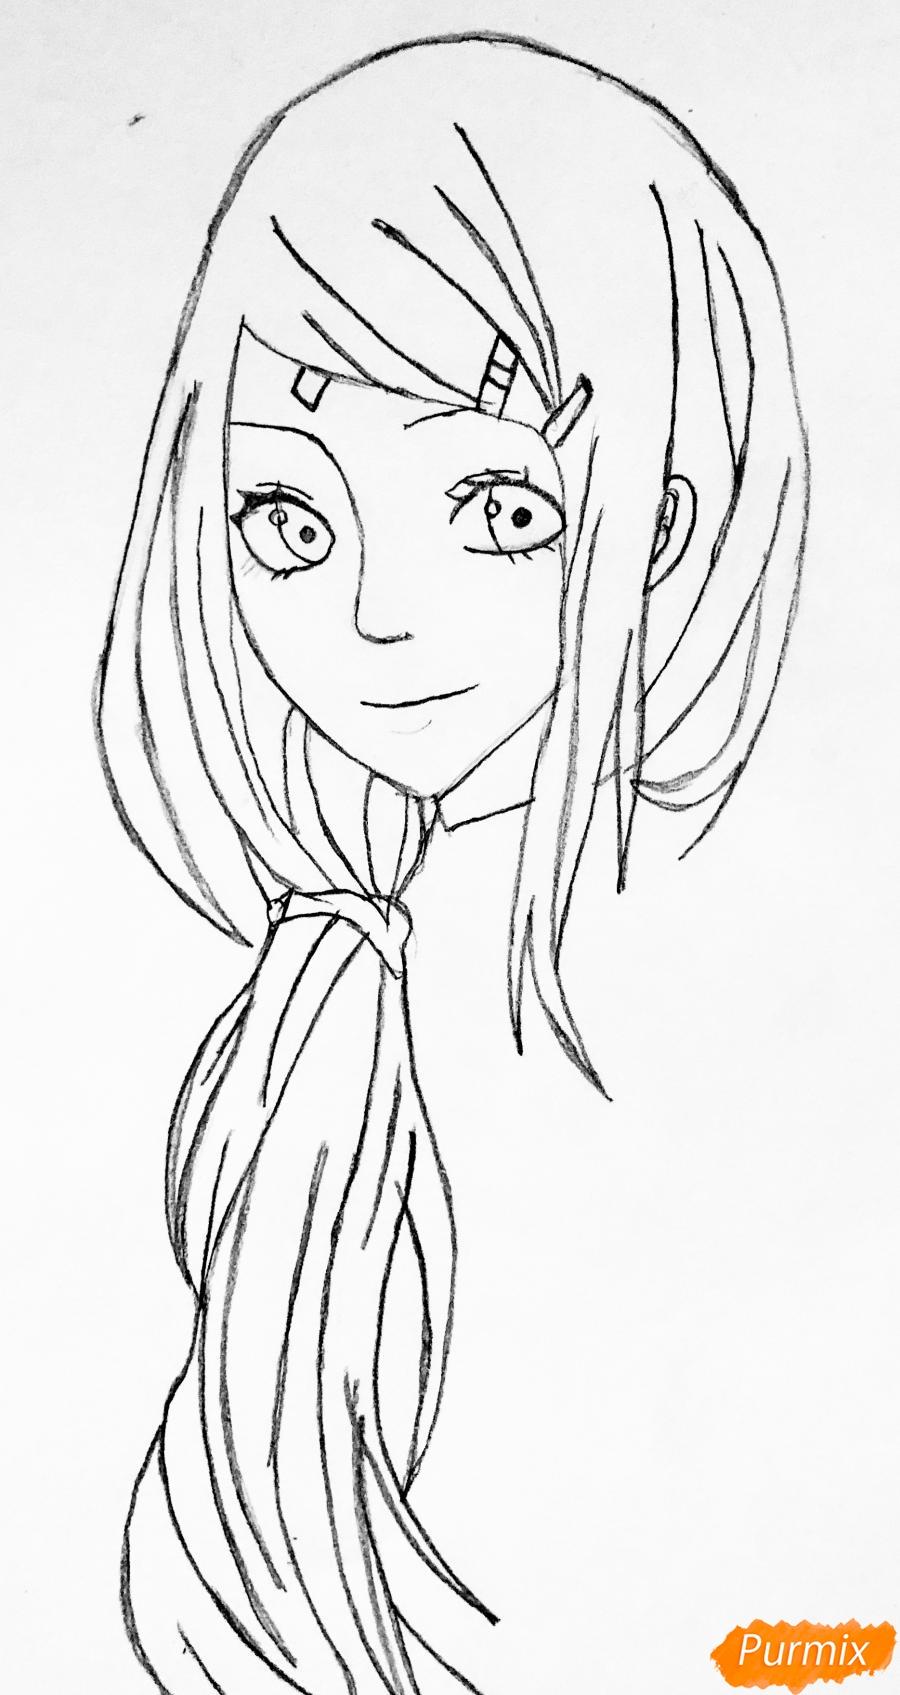 Рисуем Сакуру из Наруто цветными карандашами - фото 4